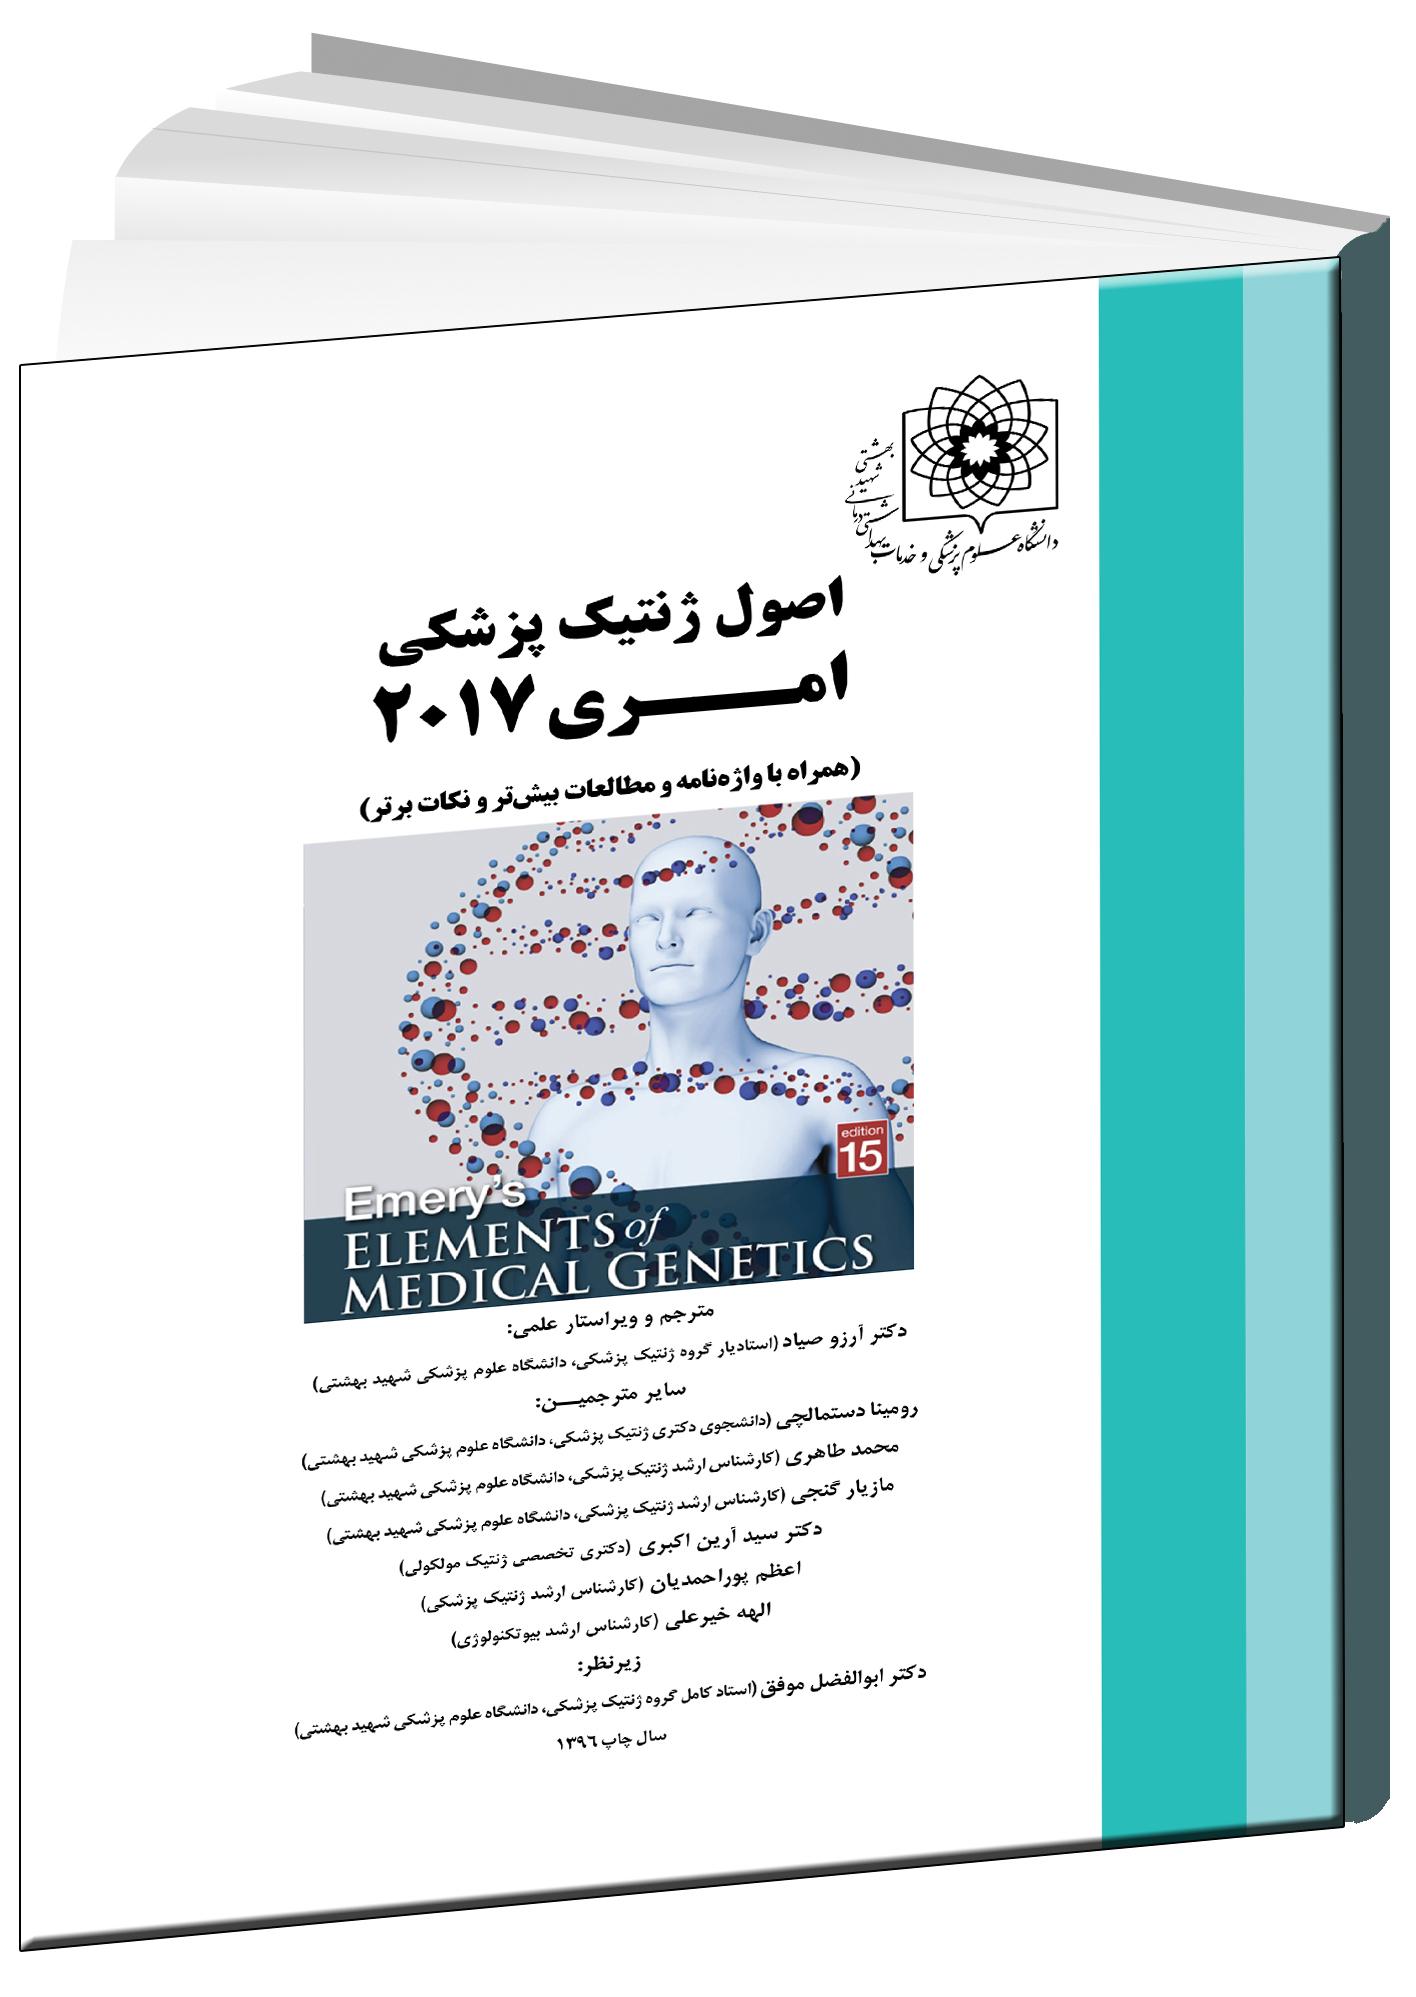 اصول-ژنتیک-پزشکی-امری-۲۰۱۷-صیاد-دستمالچی-موفق-خلیلی-اشراقیه